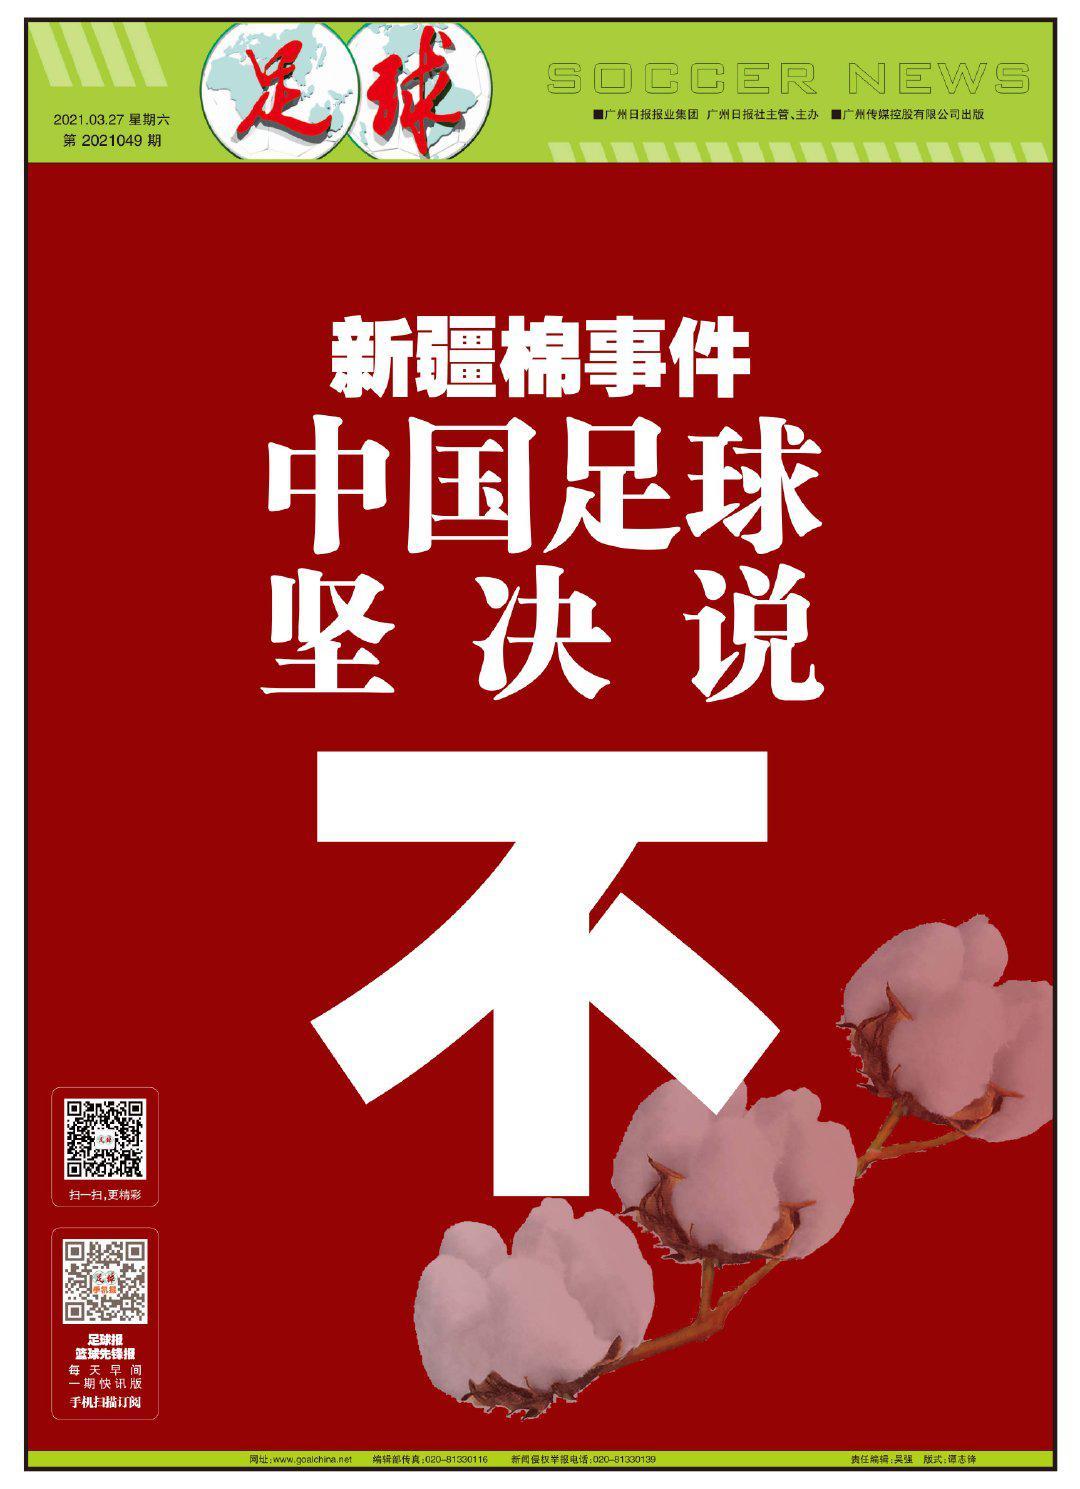 新疆棉事件,中国足球坚决说不!图片